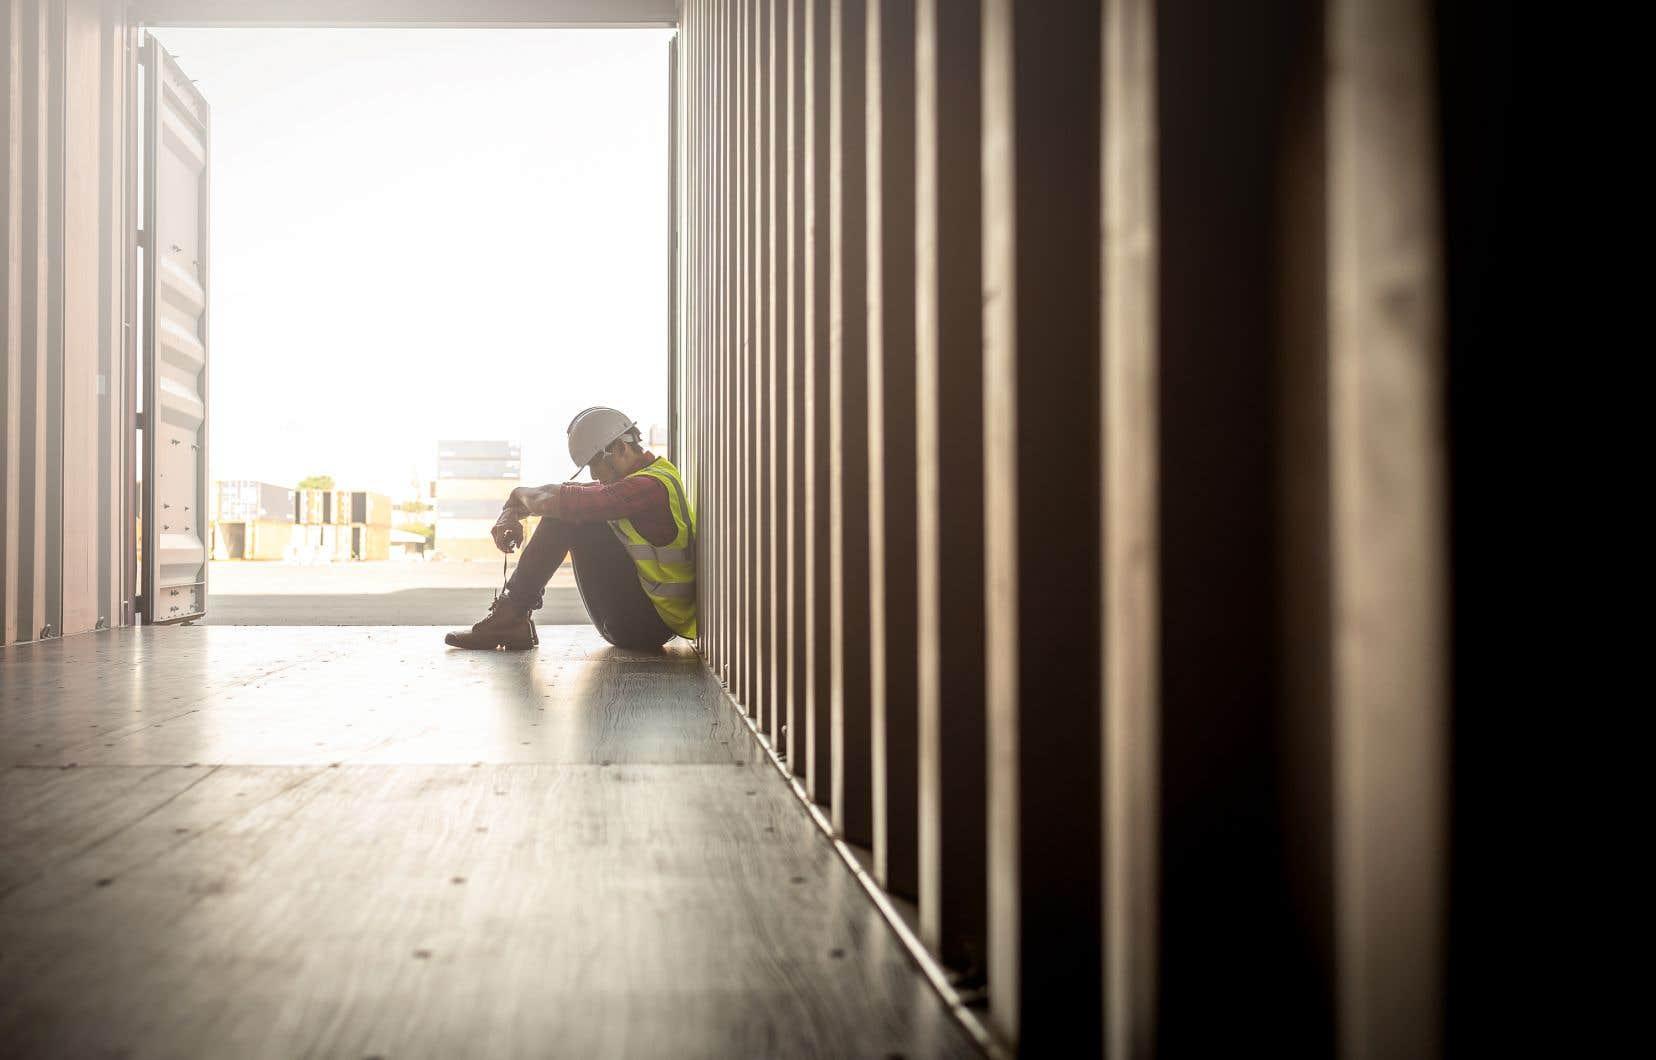 Selon le président de la centrale syndicale, la liste des maladies professionnelles devrait inclure des troubles mentaux comme la dépression et l'anxiété.